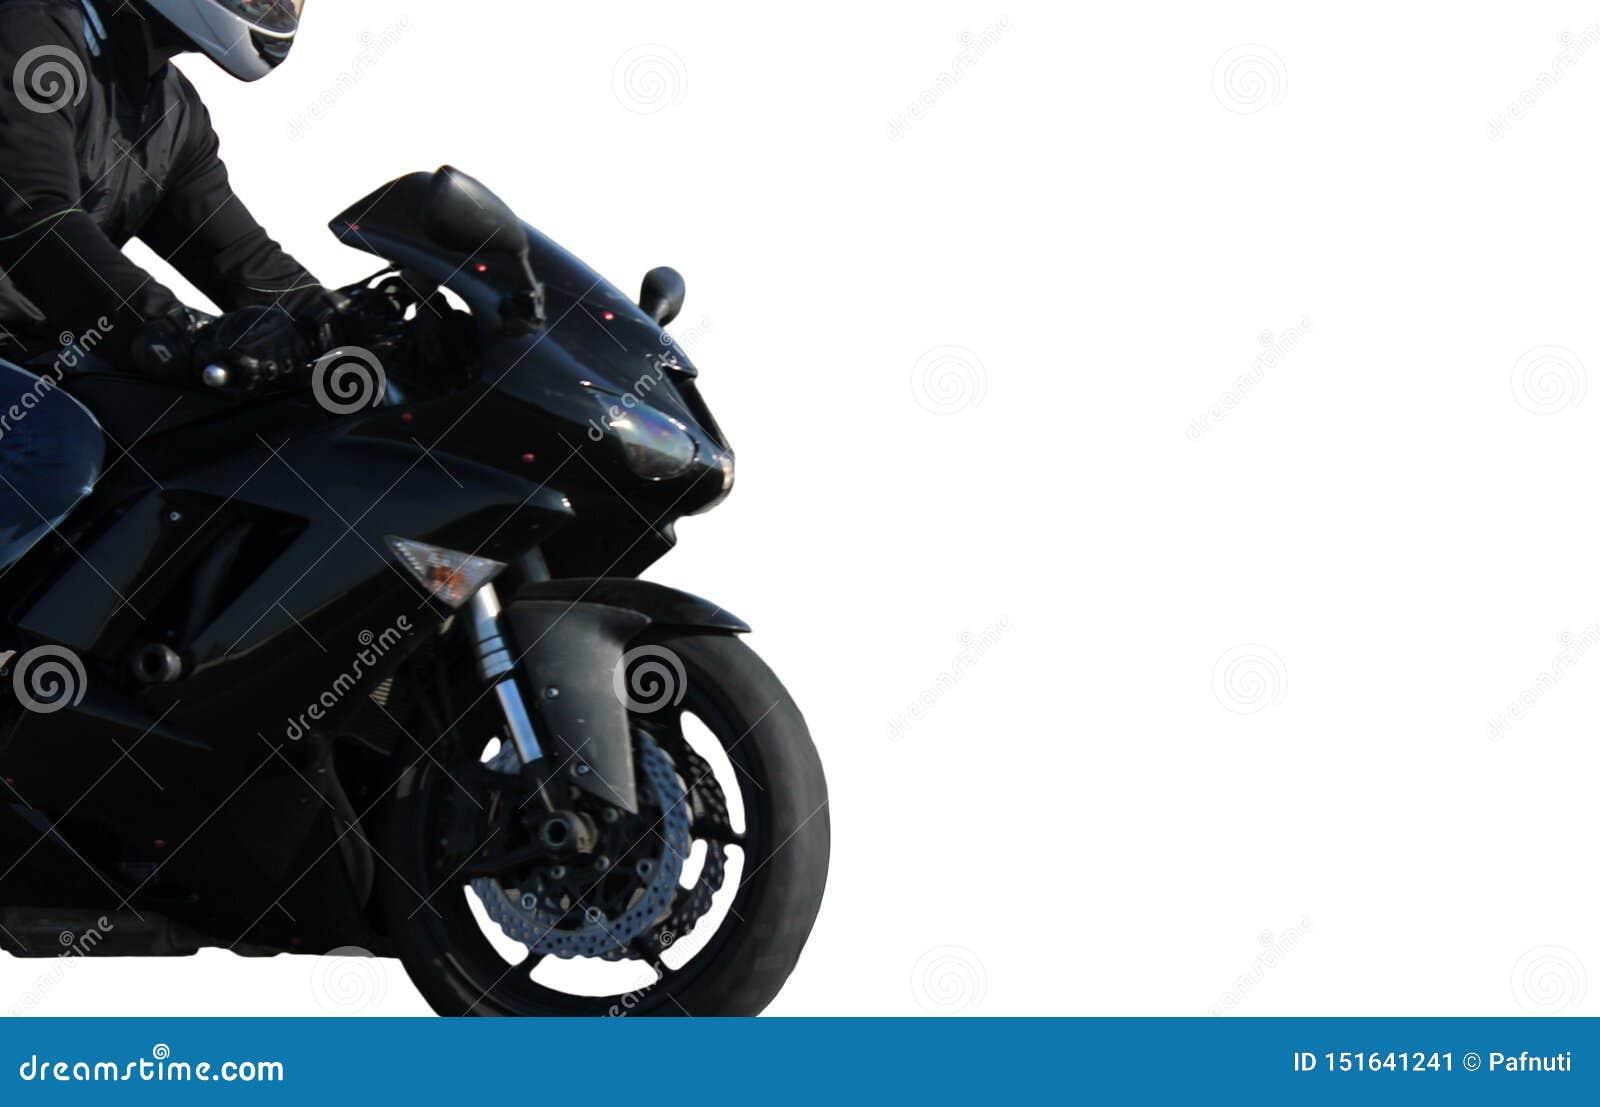 Мотоциклист на черном велосипеде спорта изолированном на белой предпосылке